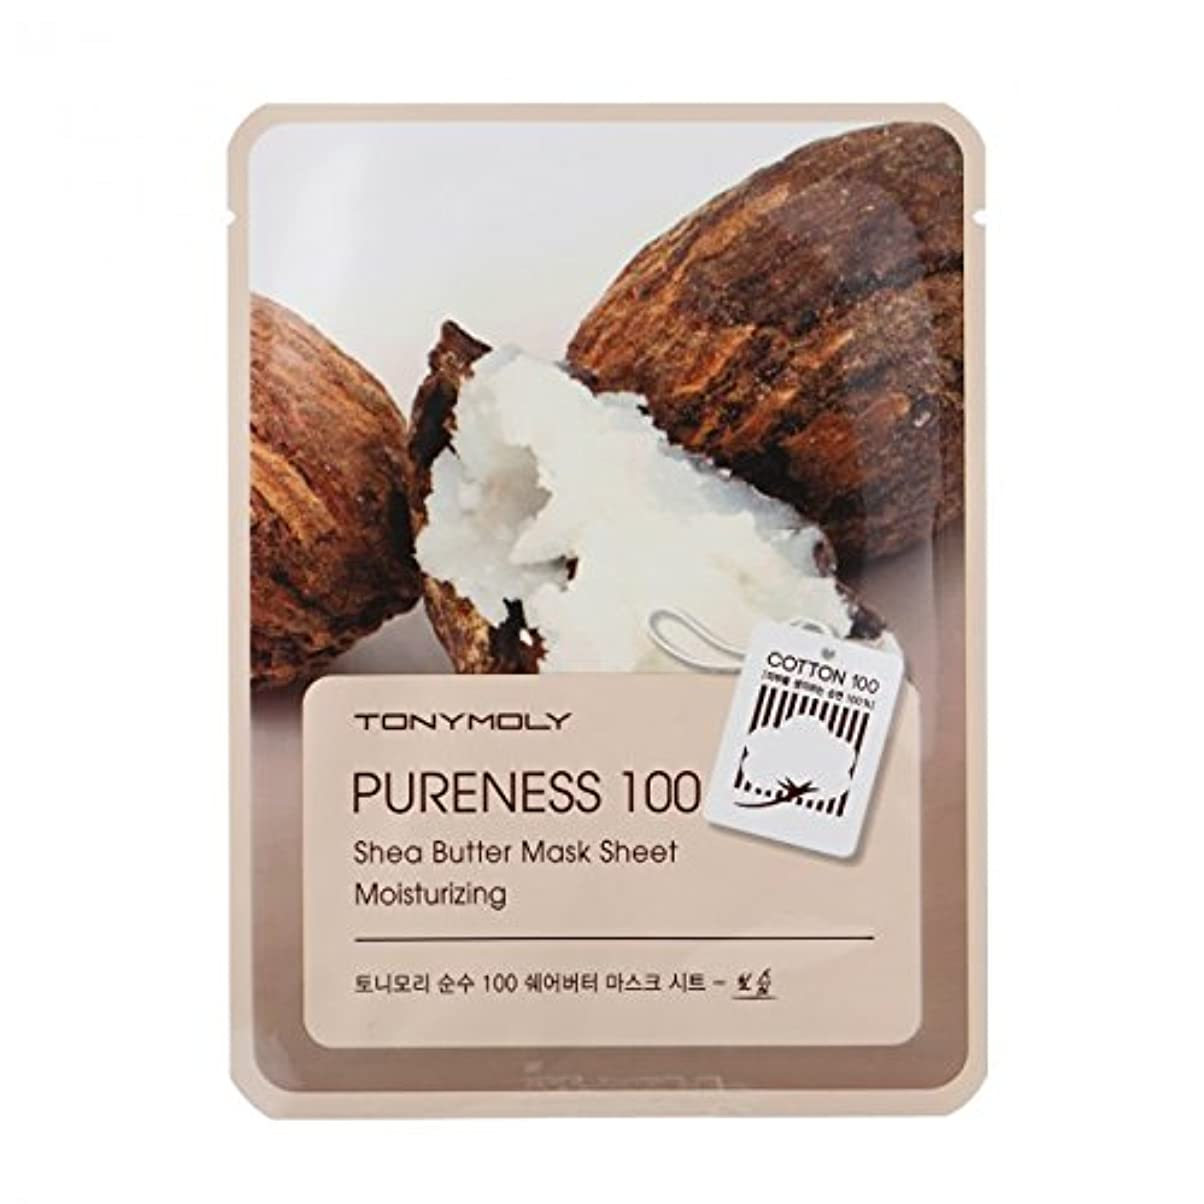 硬化する意気揚々支援する(6 Pack) TONYMOLY Pureness 100 Shea Butter Mask Sheet Moisturizing (並行輸入品)